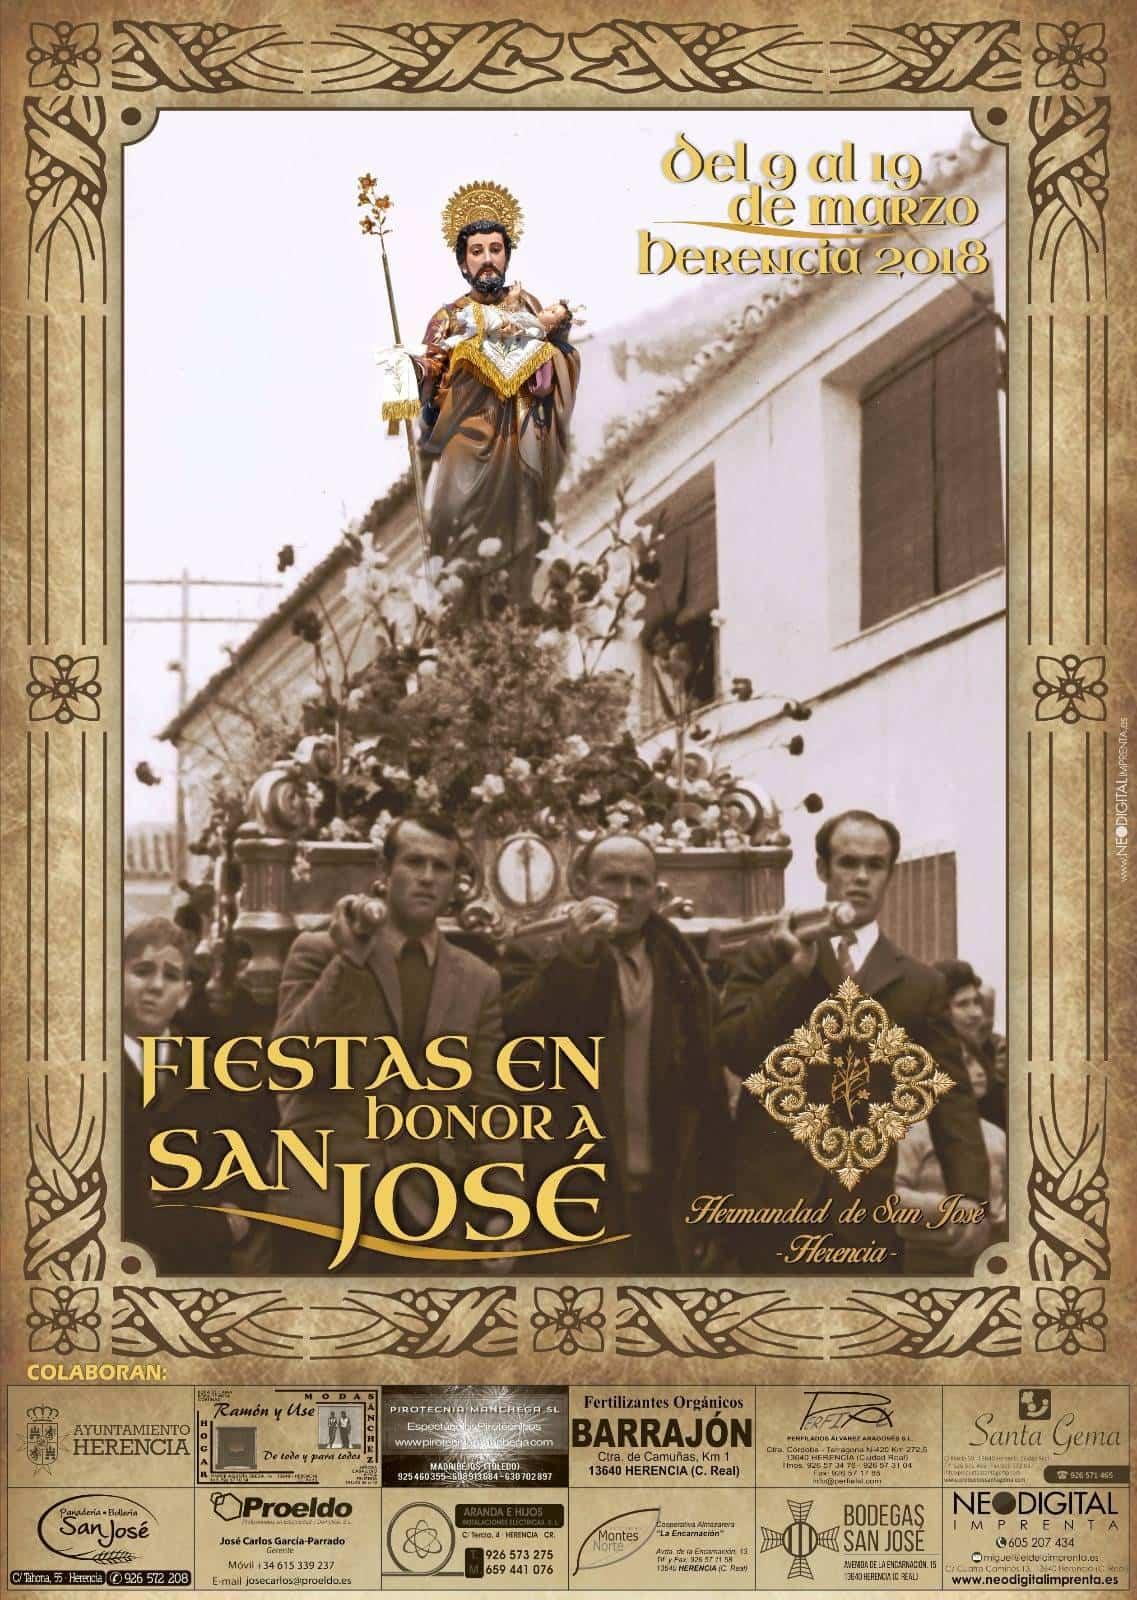 cartel festividad san jose herencia 2018 - Programa de actos con motivo de la festividad de San José